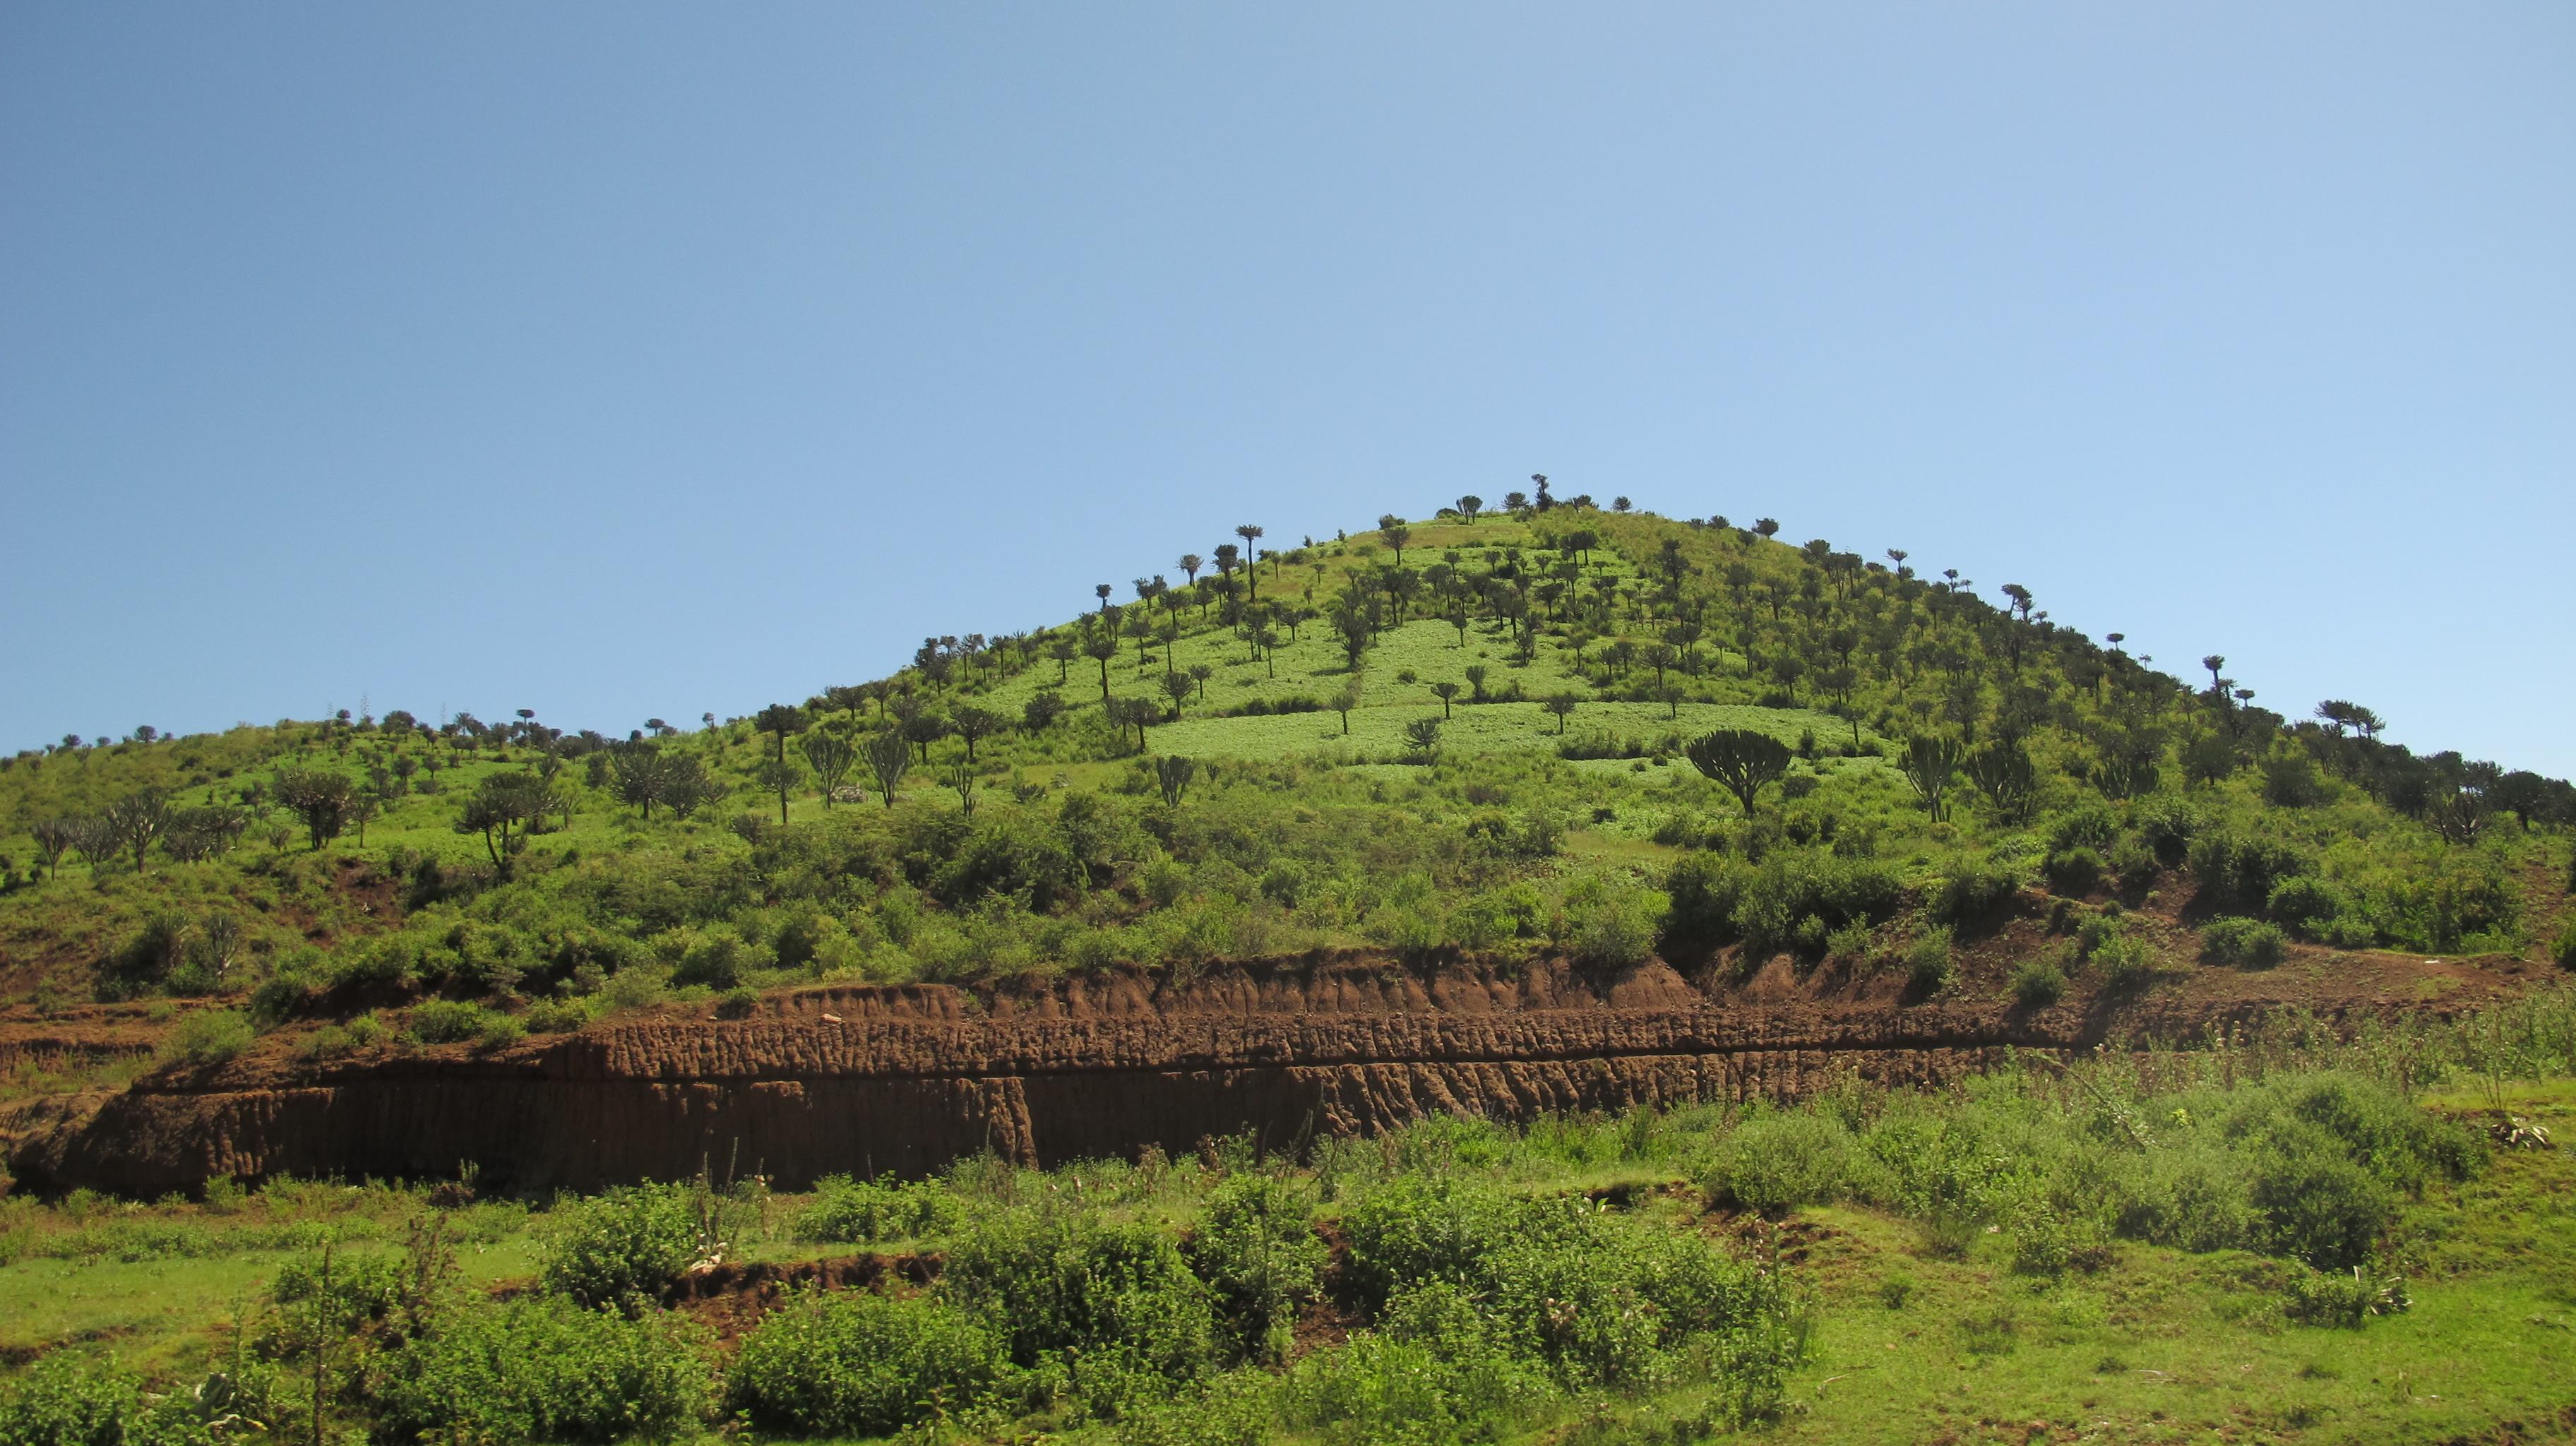 Mt. Kenya replanting area